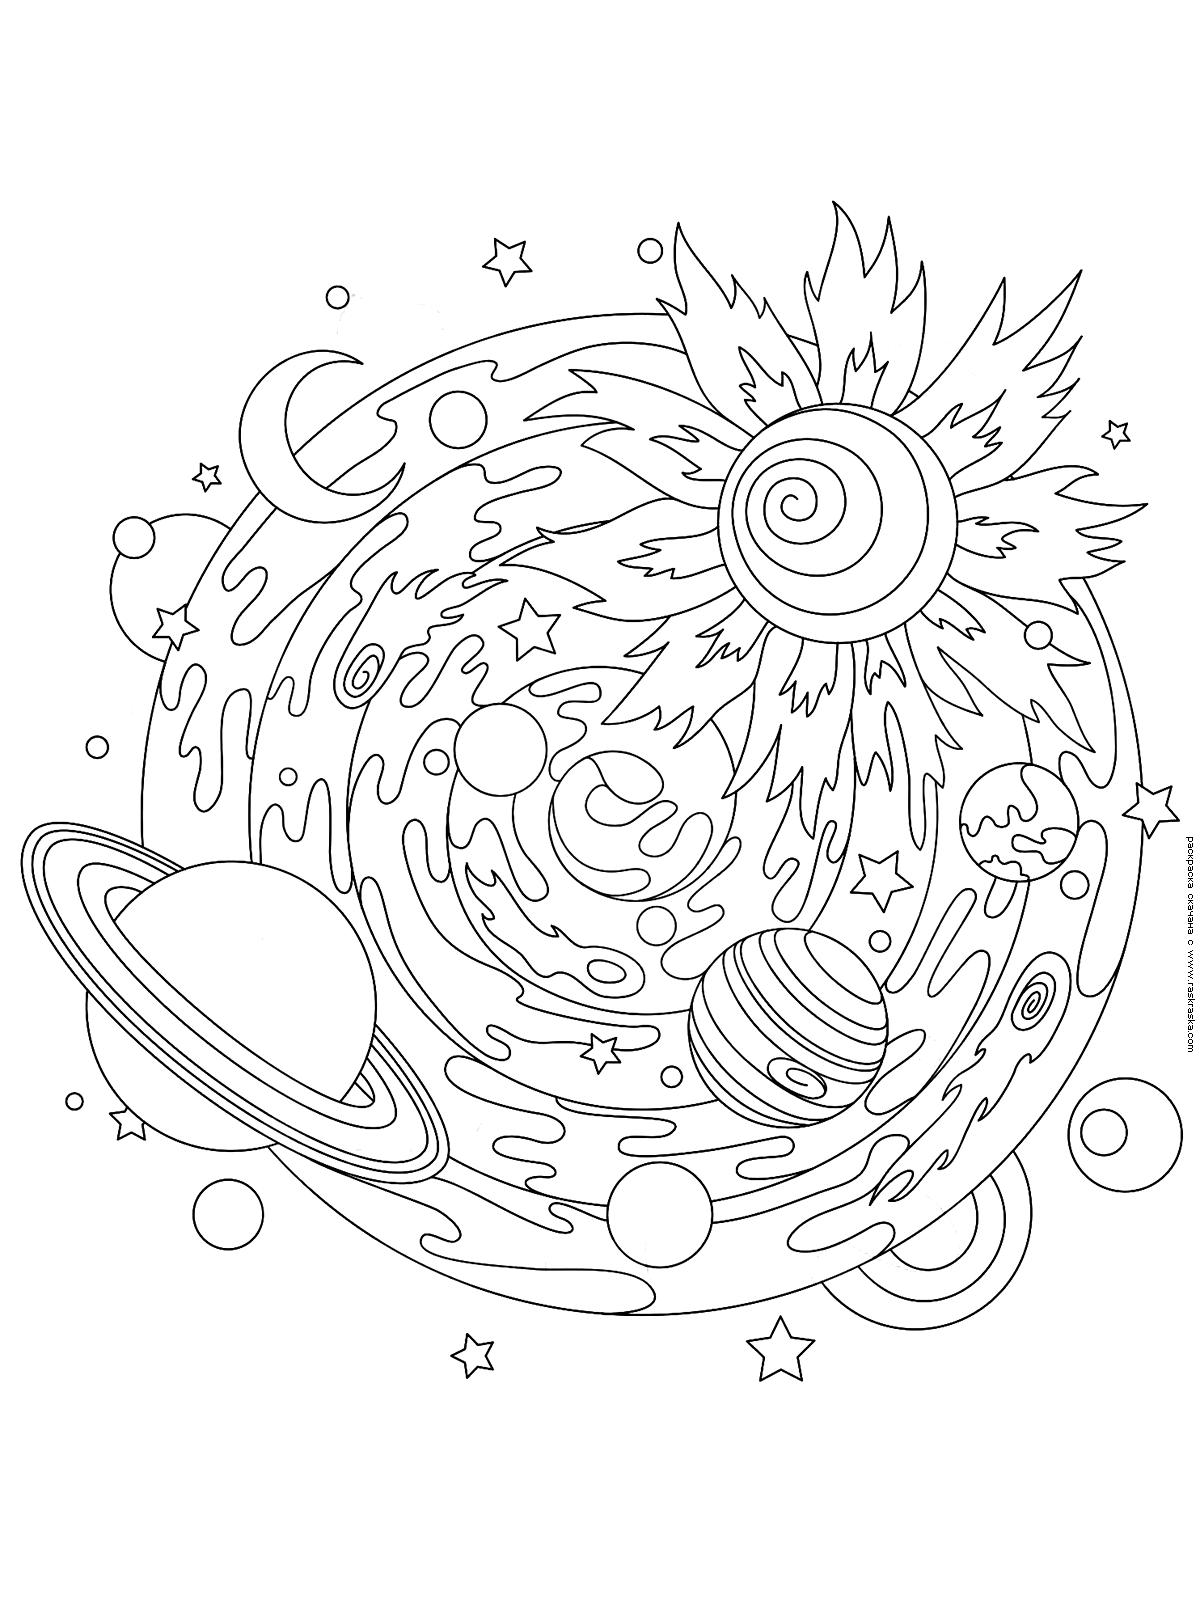 Раскраска Солнечная система | Раскраски антистресс Космос ...